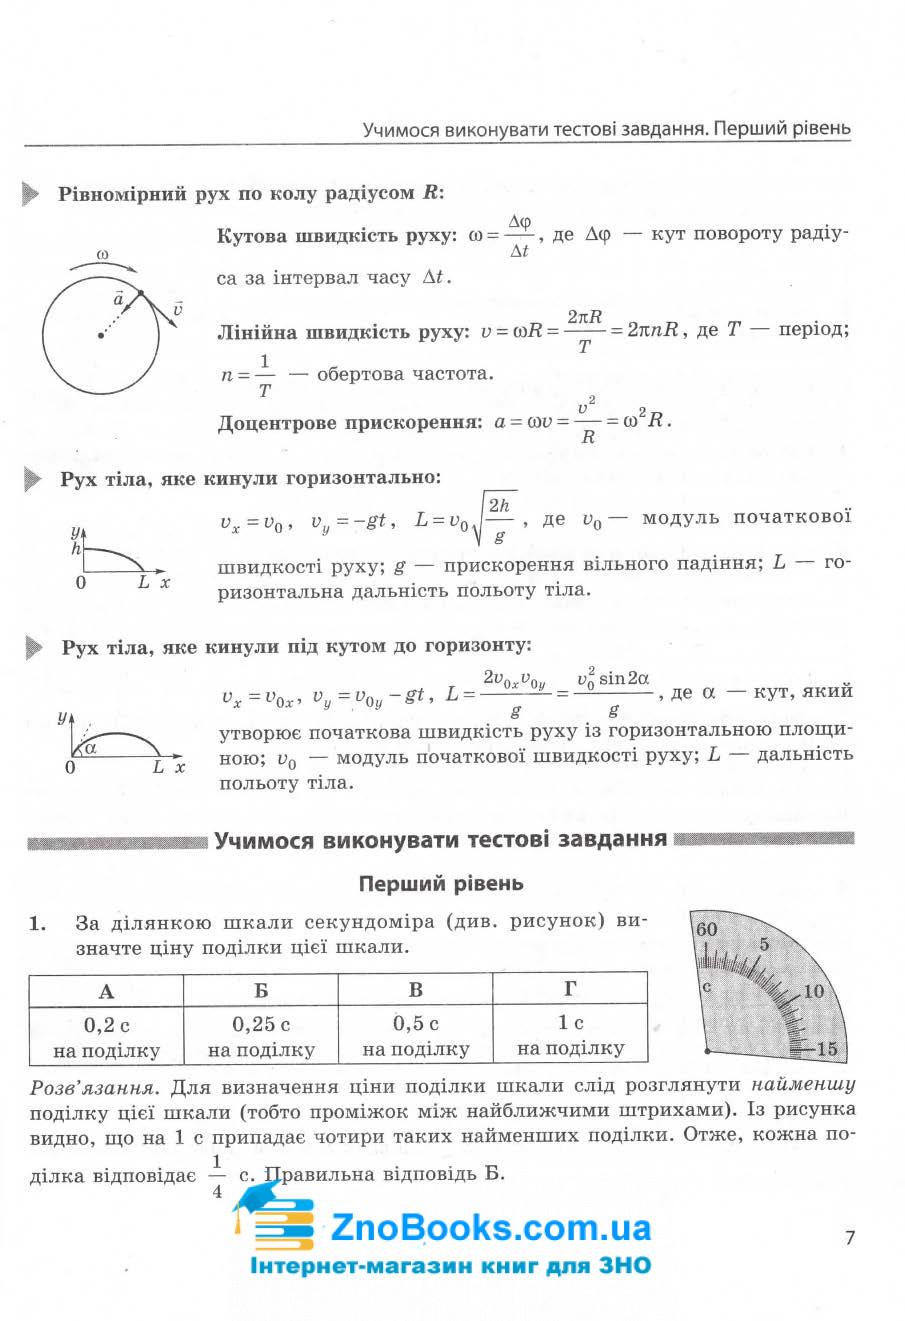 ЗНО 2022 фізика в тестах. Енциклопедія тестових завдань : Гельфгат І. Ранок. купити 7